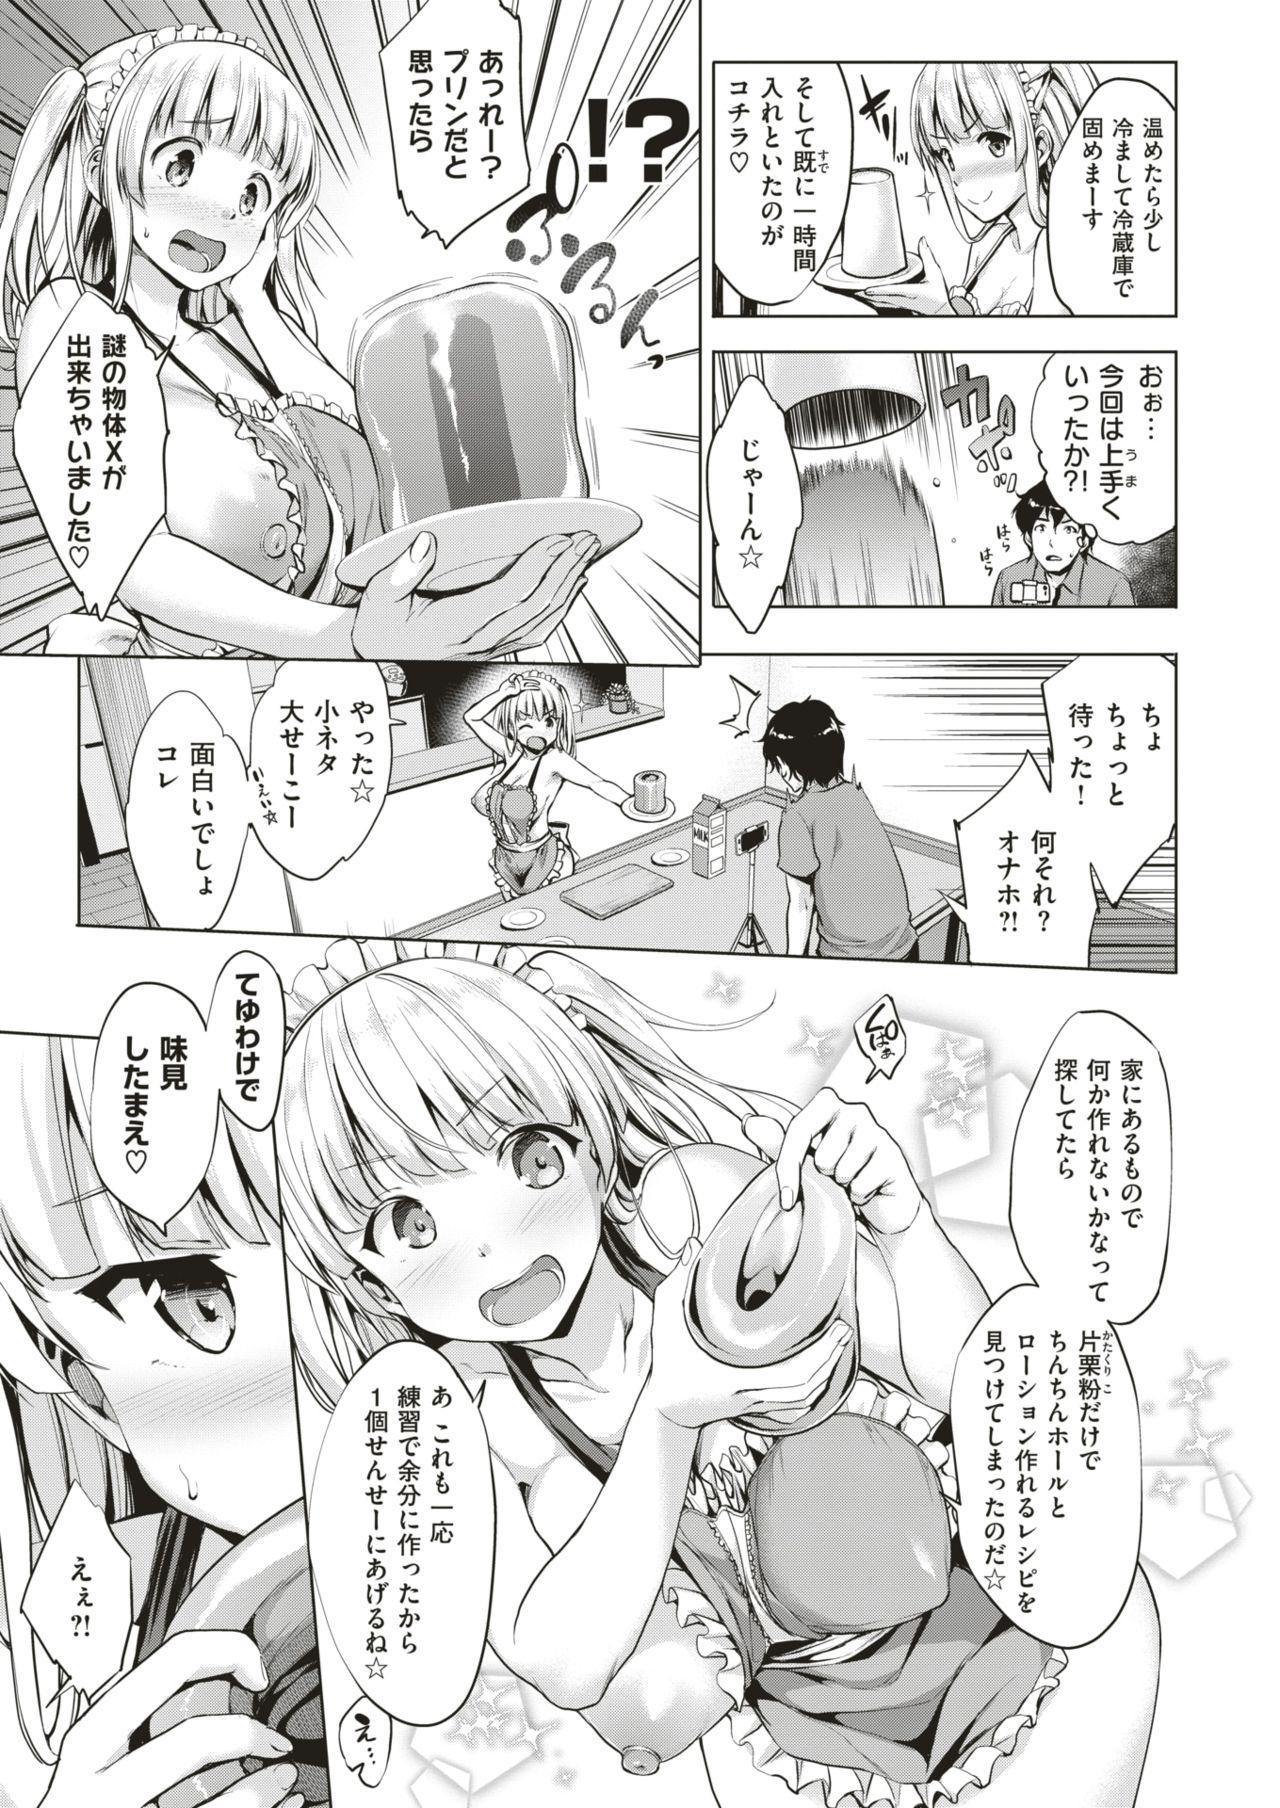 COMIC Shitsurakuten 2019-01 12